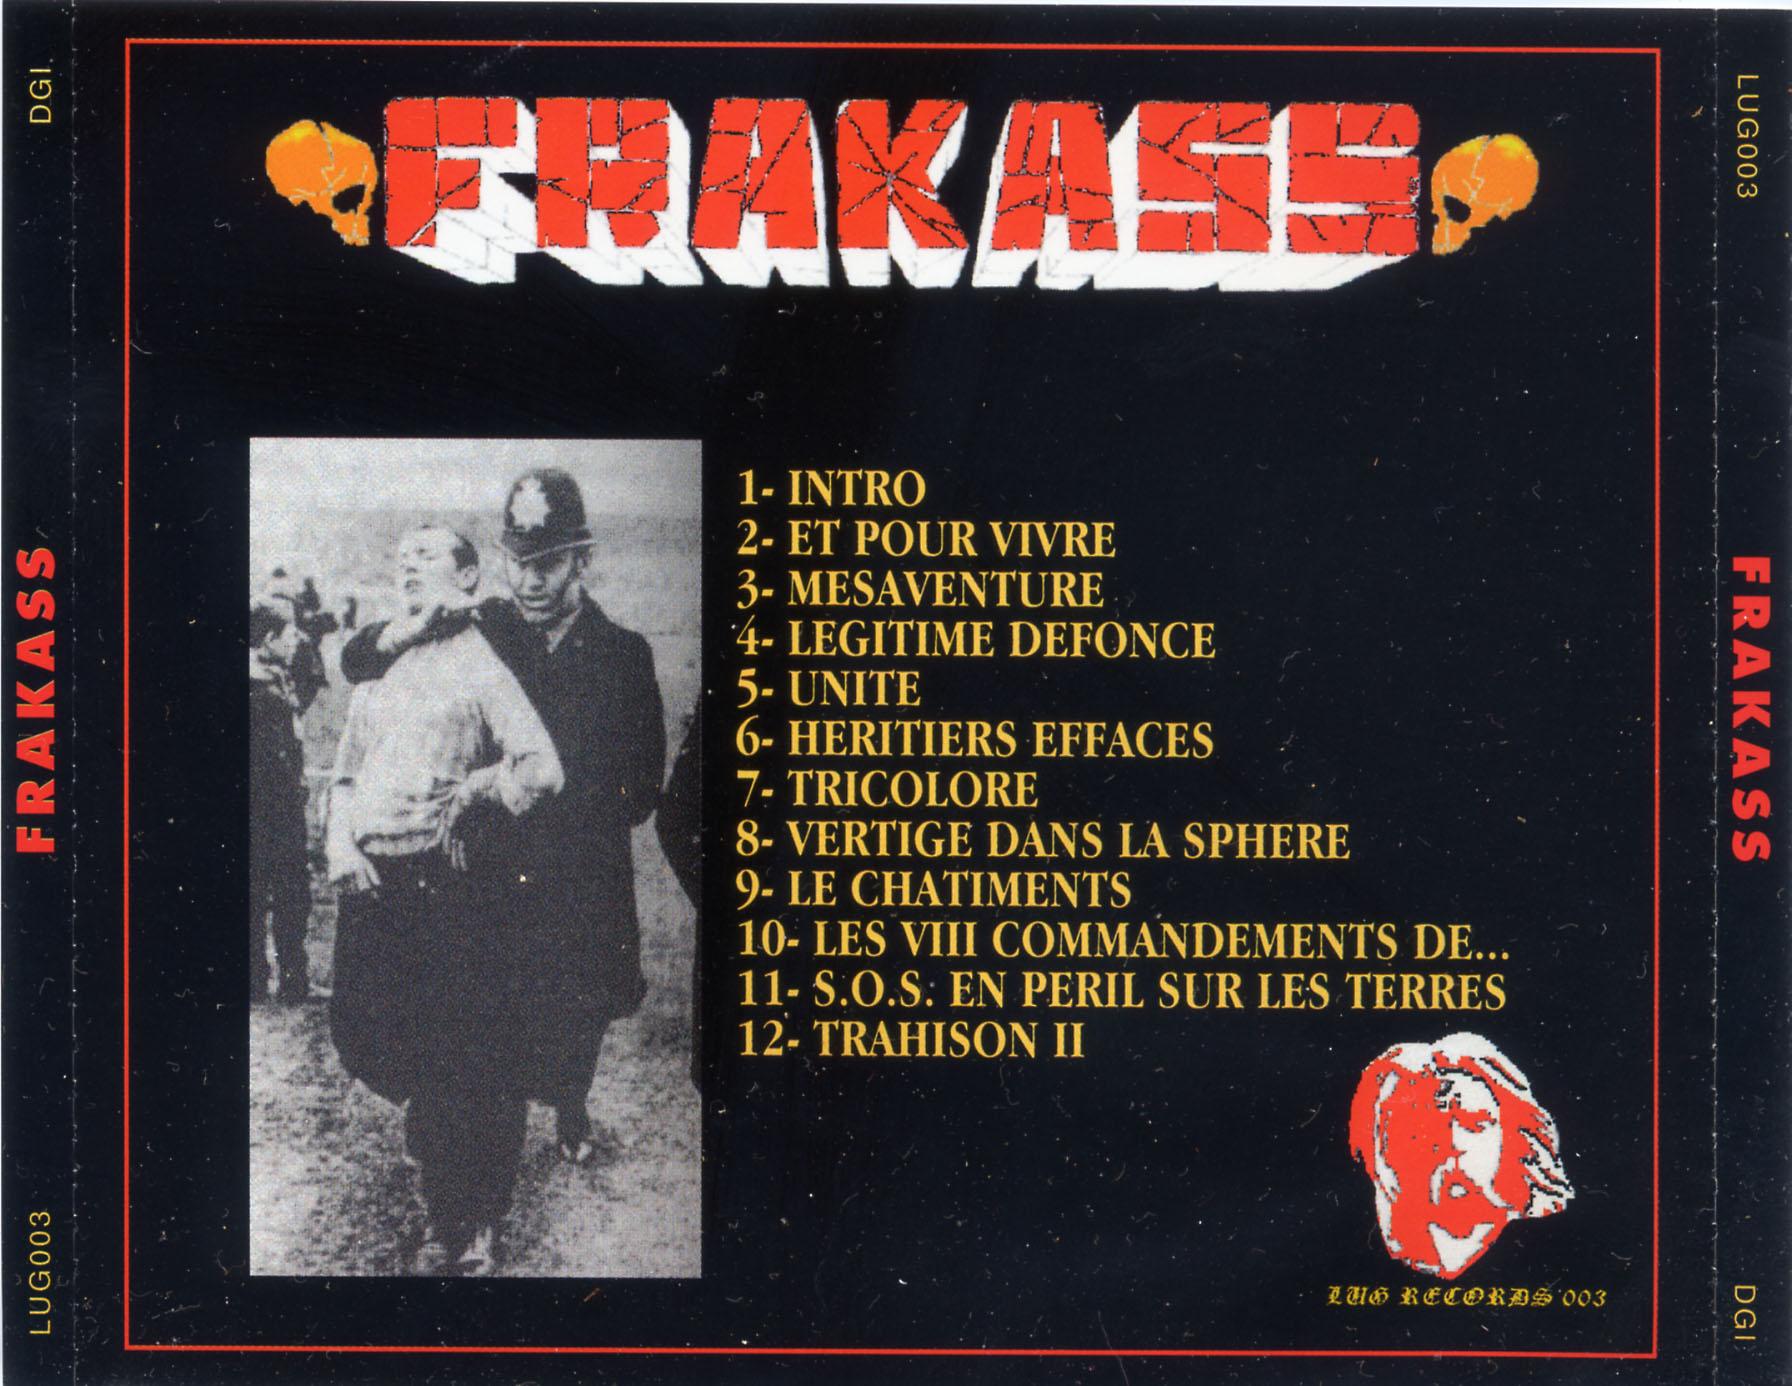 93495_frakass_-_frakass_-_back_122_1145lo.jpg